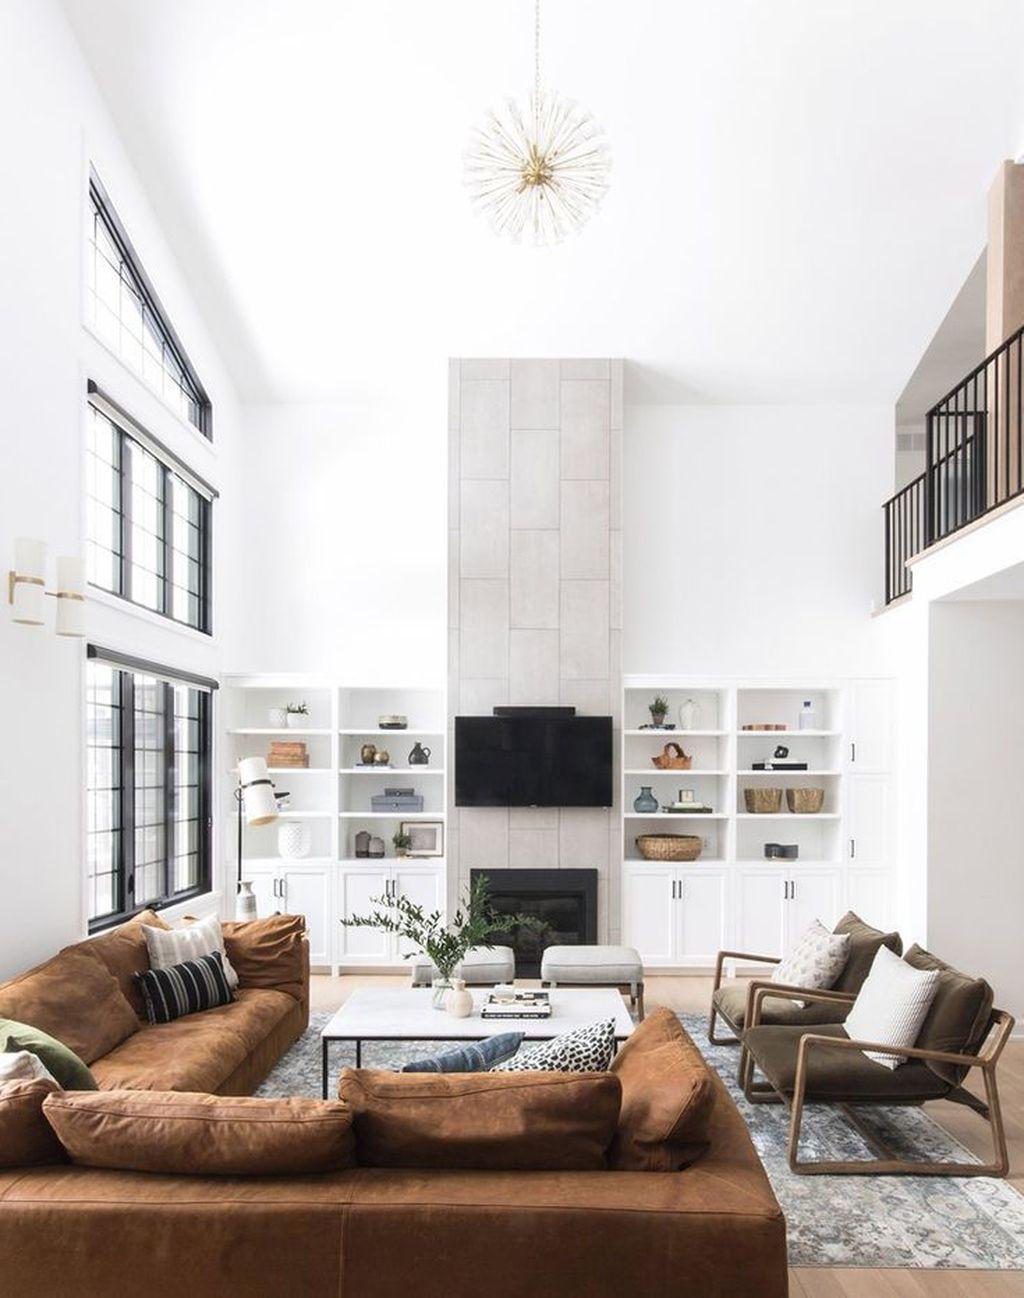 Amazing Contemporary Living Room Design Ideas You Should Copy 25